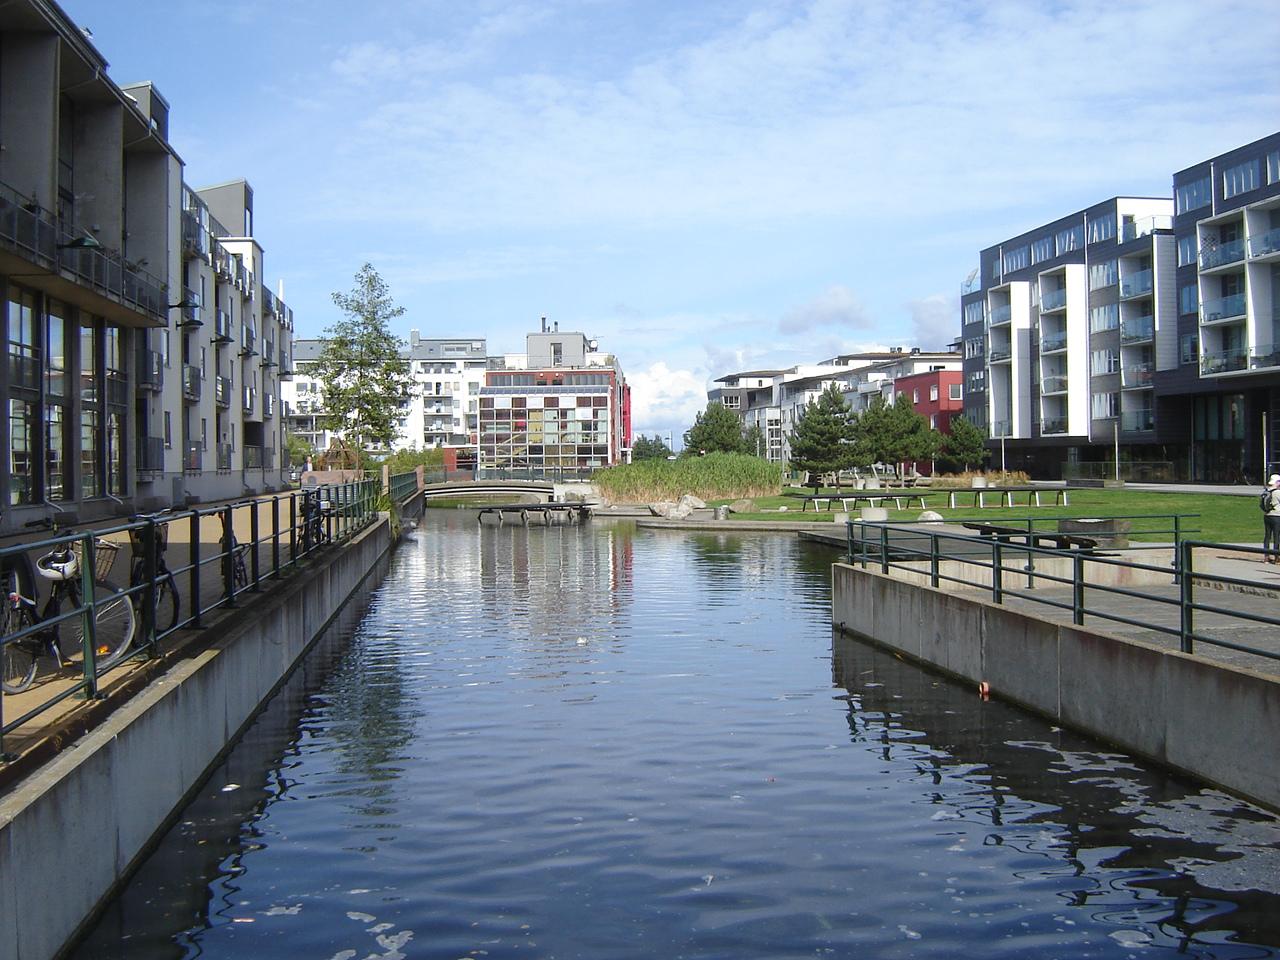 dejting öresund Kristianstad